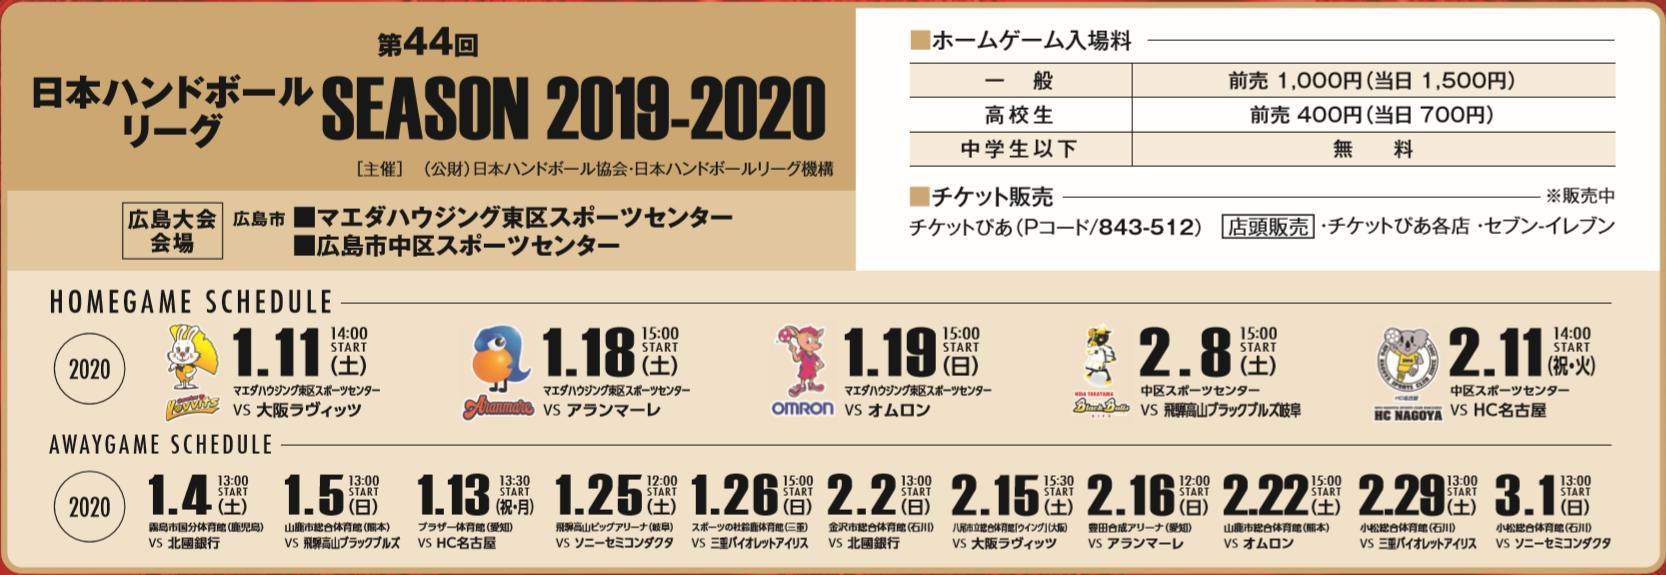 第44回日本ハンドボールリーグ試合スケジュール イメージ